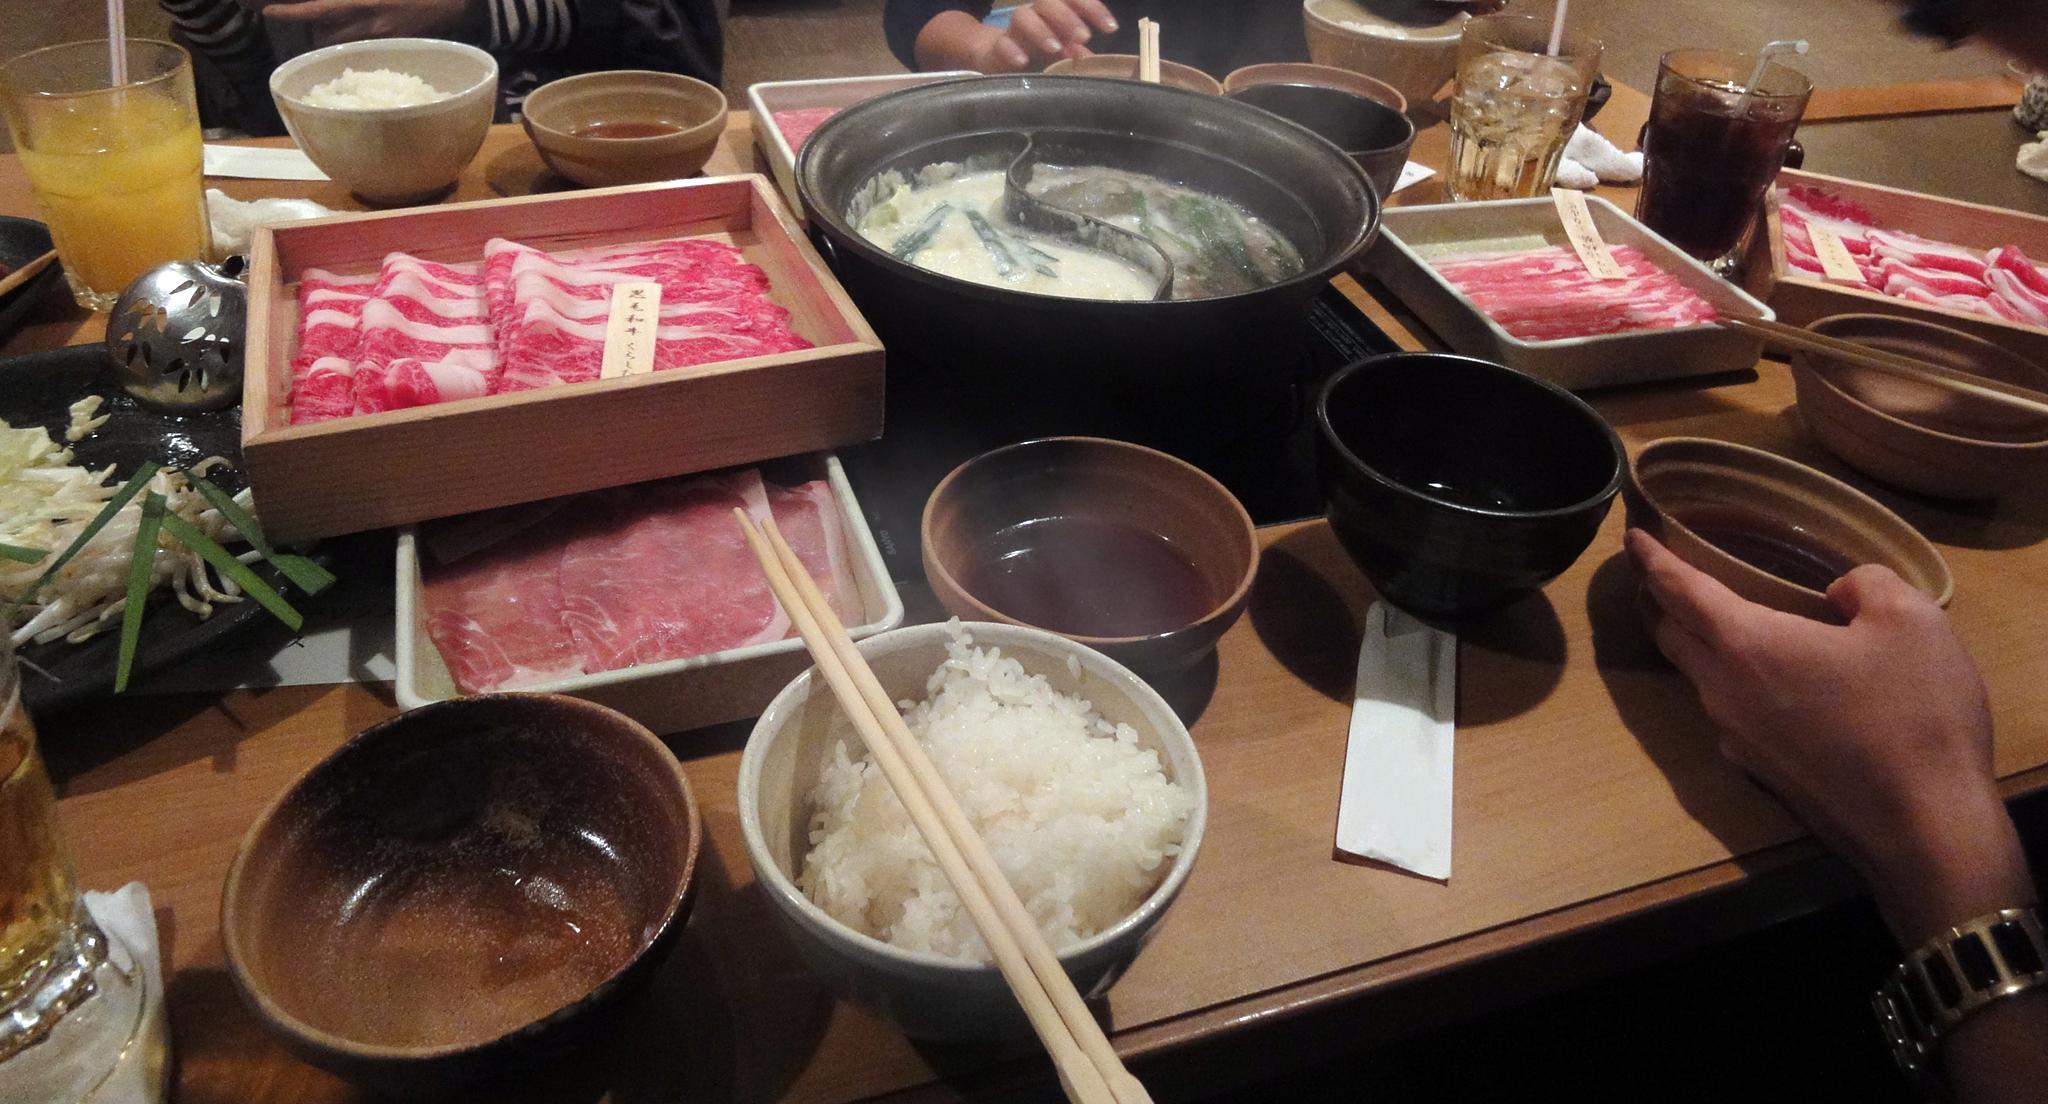 鍋のパーティー☆サイドメニューにはどのような物が良いの?